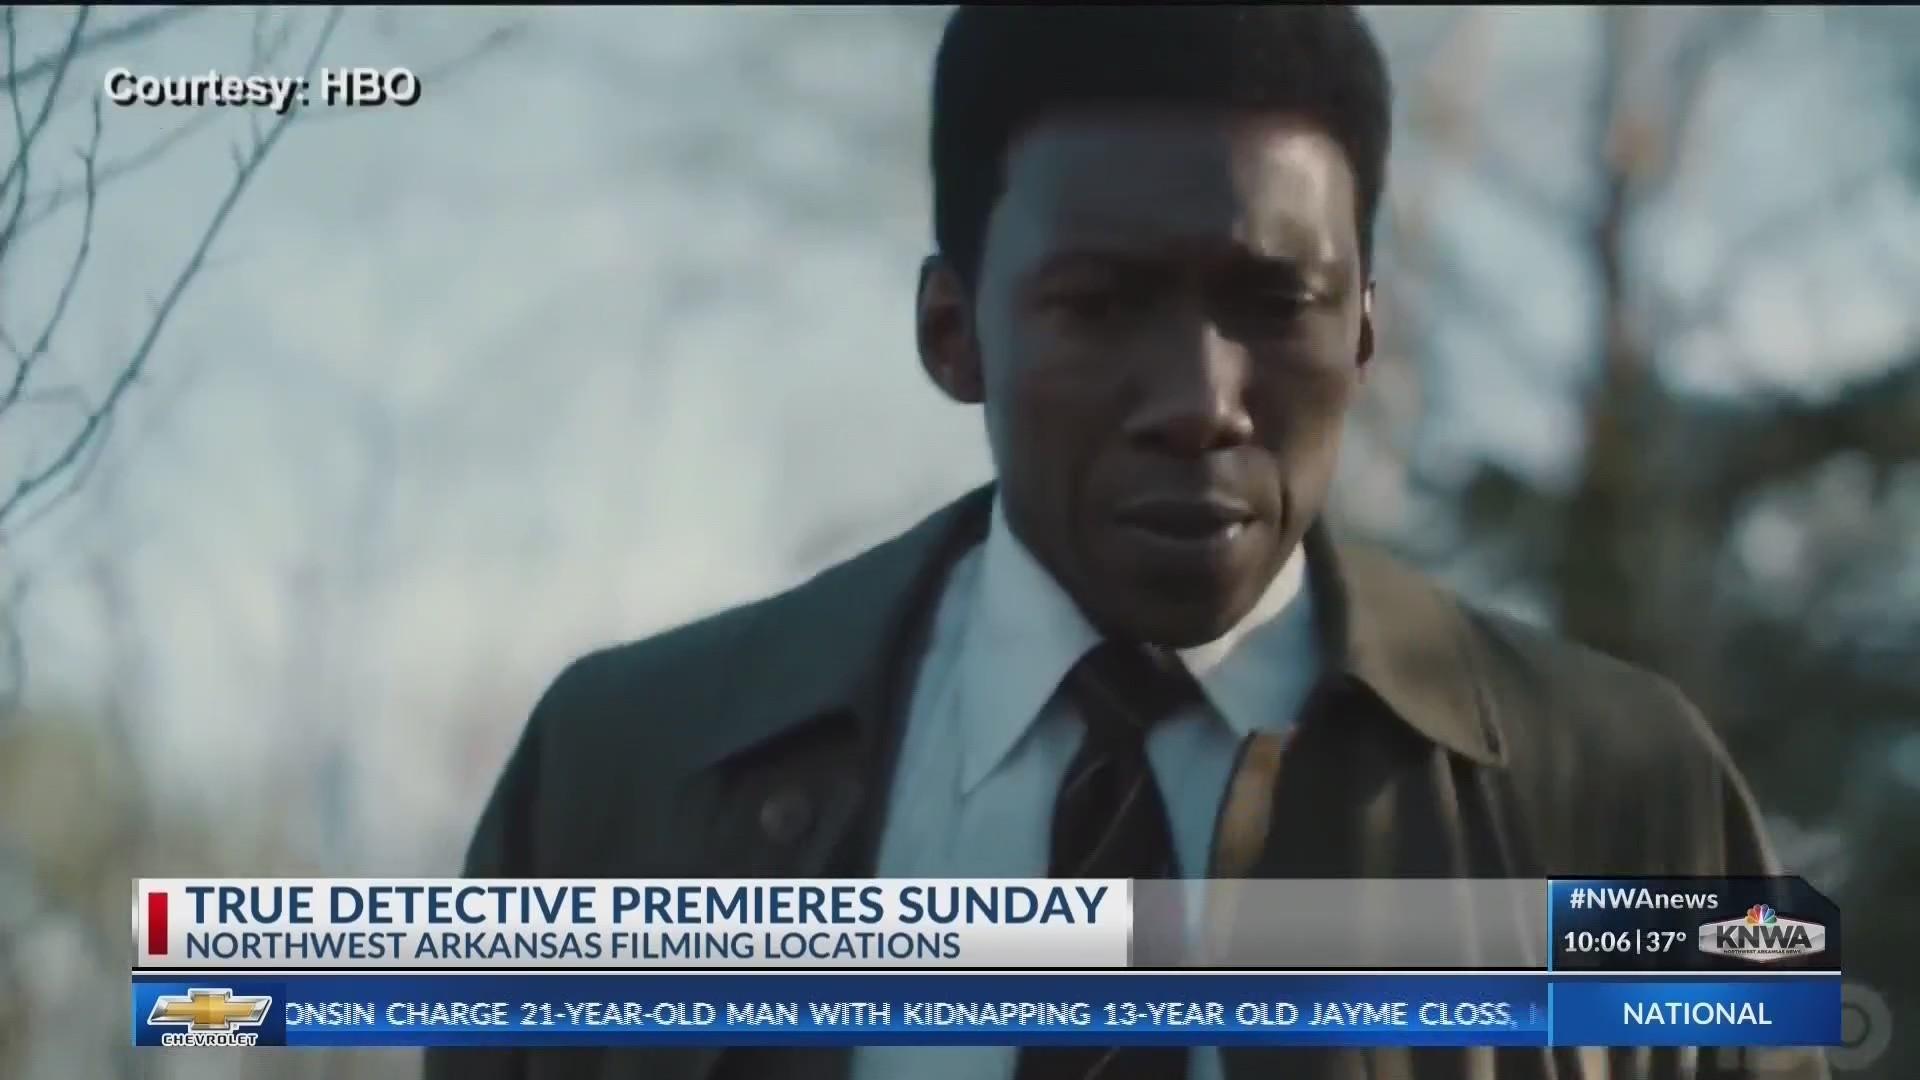 True_Detective_Season_Filmed_in_NWA_Prem_0_20190112044235